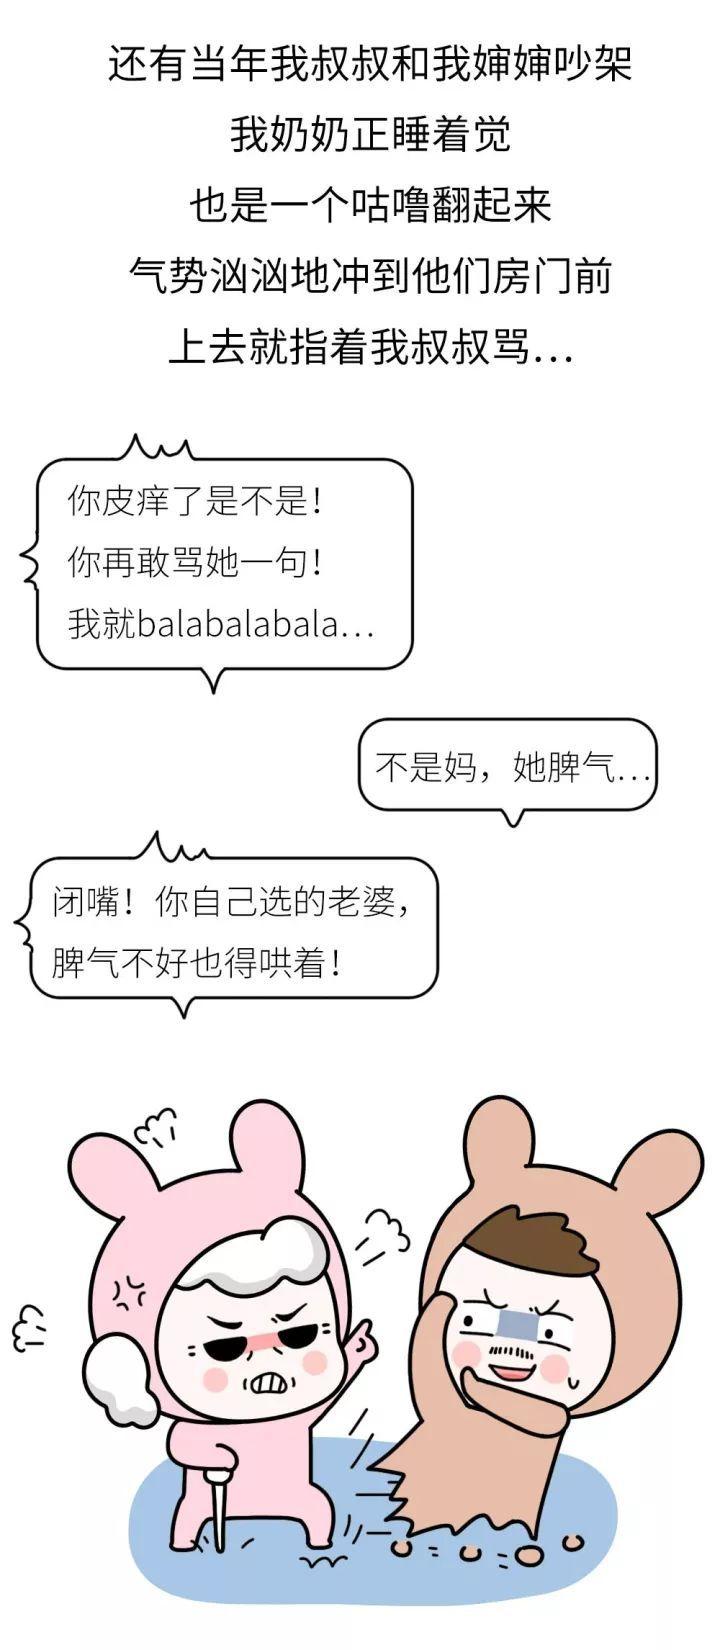 郑爽,陈立农、刘亦菲,江疏影,彭昱畅,周一围,富二代练习生